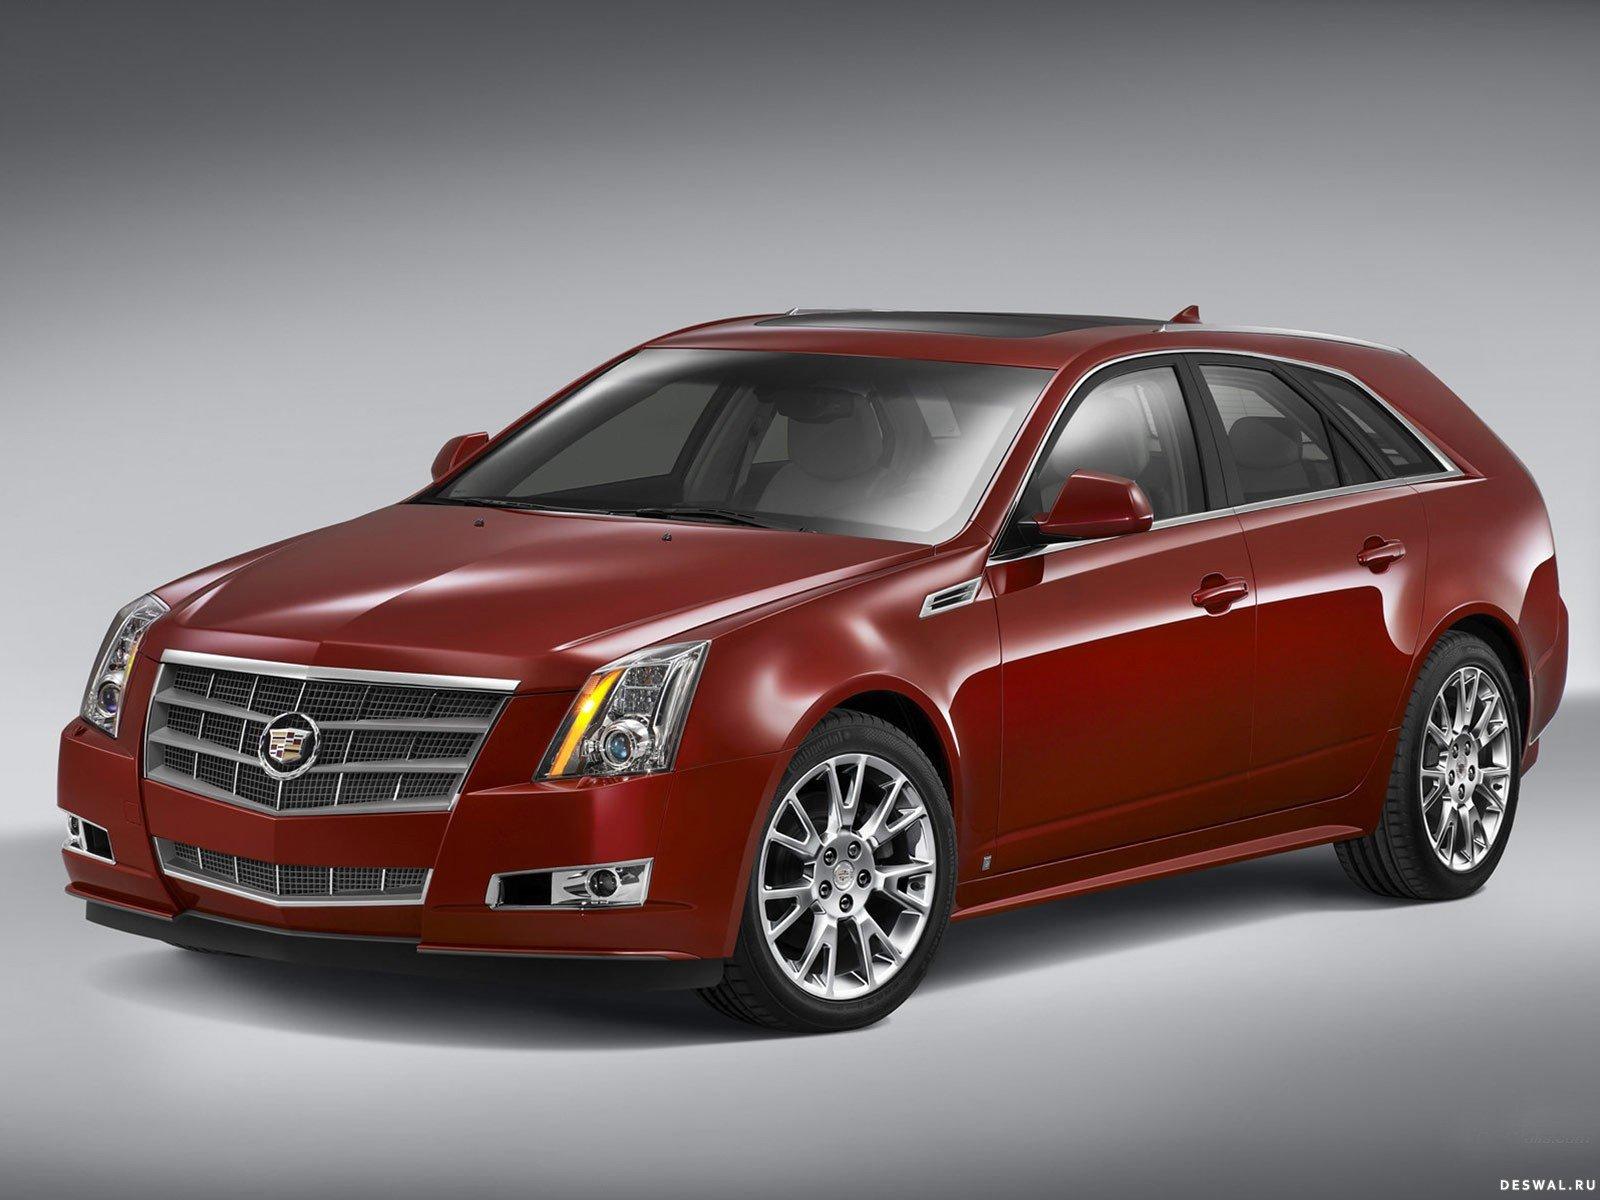 Автомашина Cadillac на халявной фотообои, Нажмите на картинку с обоями автомобиля cadillac, чтобы просмотреть ее в реальном размере